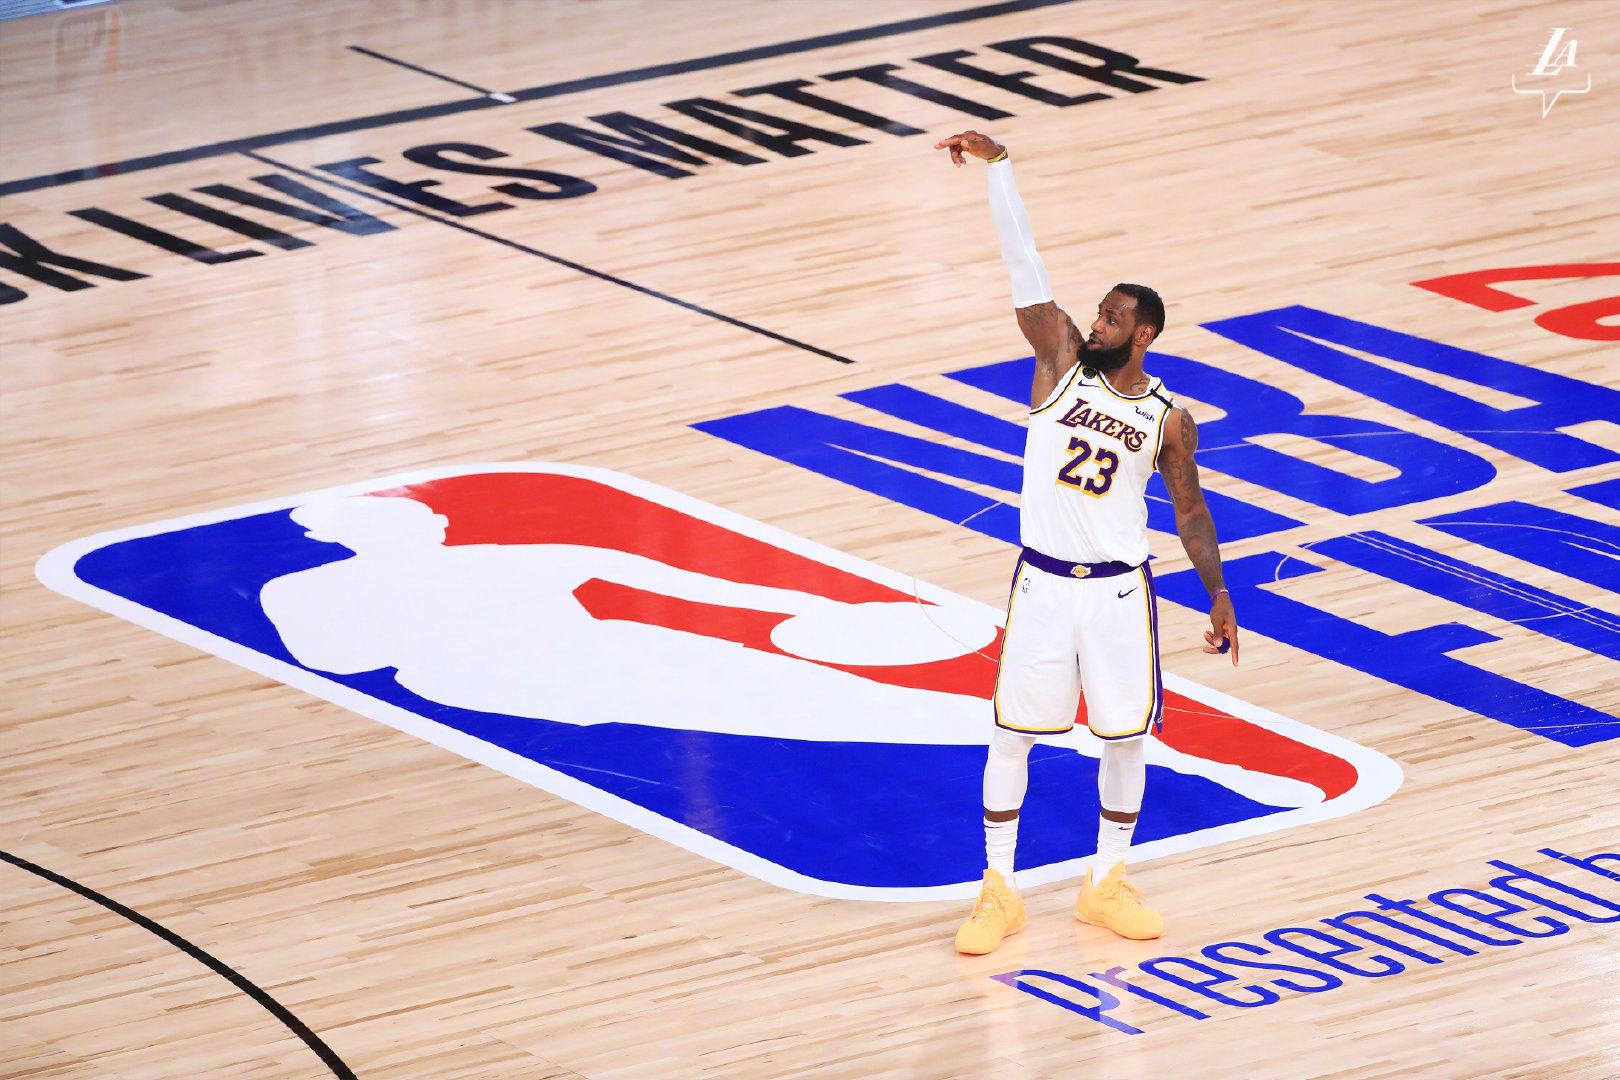 记者:三位NBA球员表示他们相信新赛季12月23日揭幕